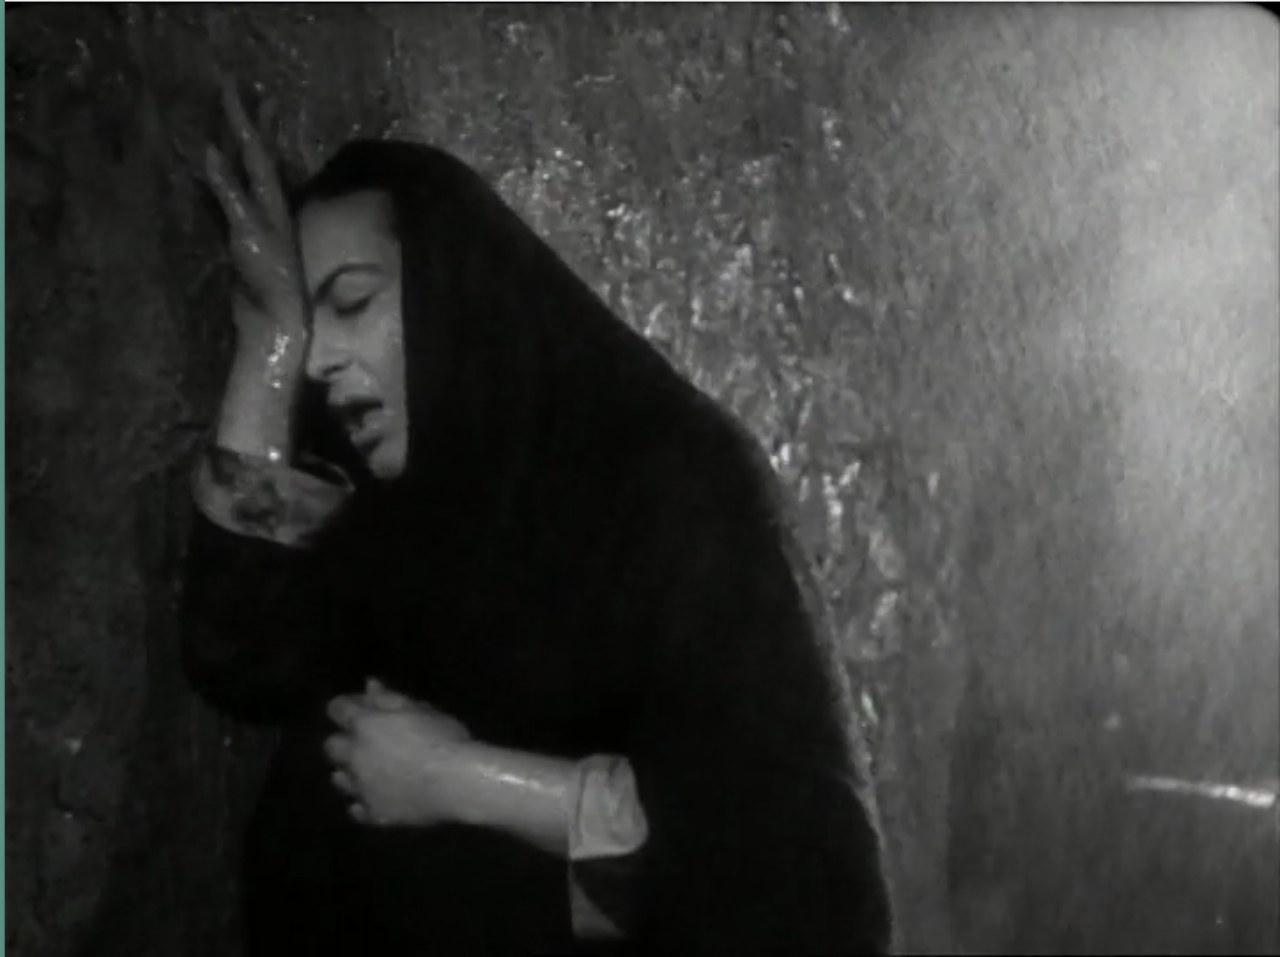 La scena madre in Tormento di R. Matarazzo, 1950